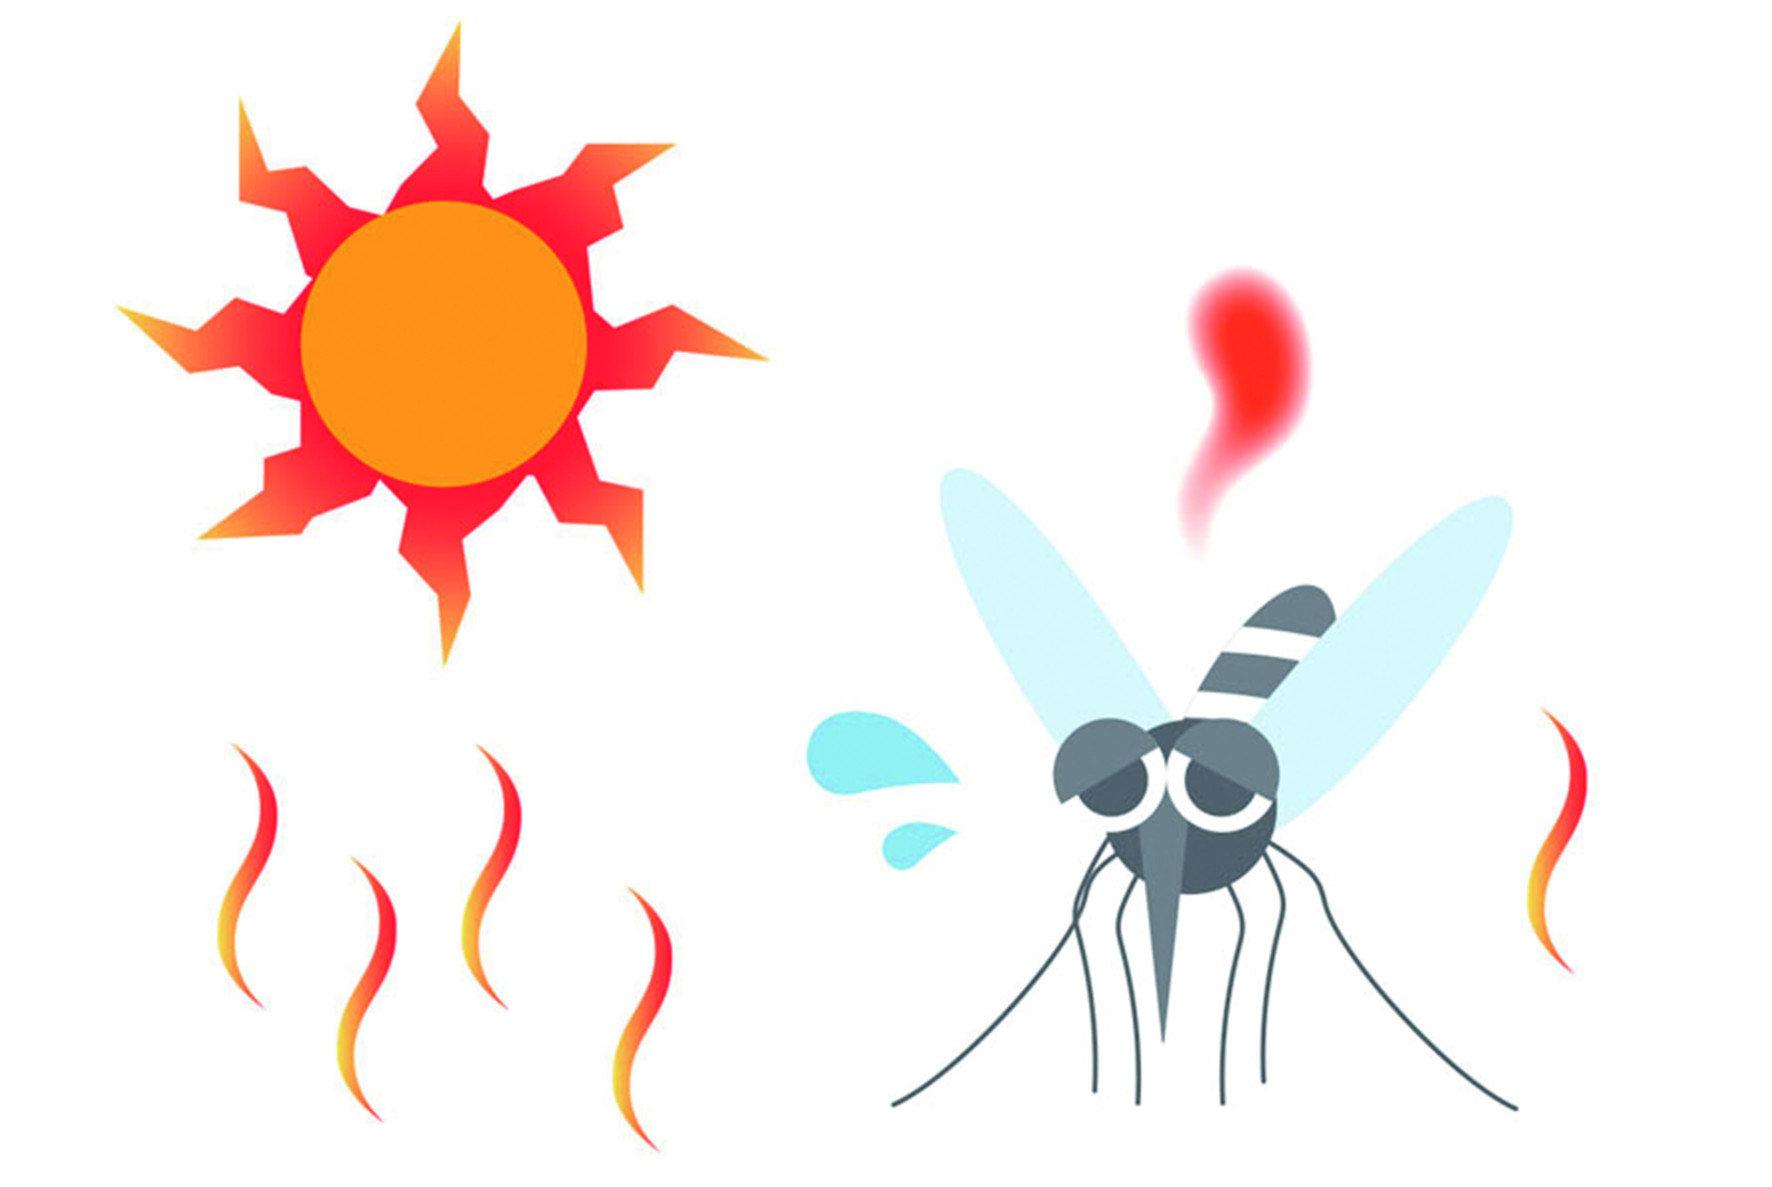 夏日蚊蟲最易孳生炎炎夏日,也是各種蟲子茂盛繁殖的時候。到戶外活動,最怕被咬得又紅又腫。其中,最難防治,也最教人厭煩的,莫過於無影無蹤的小黑蚊與各種蚊子了。